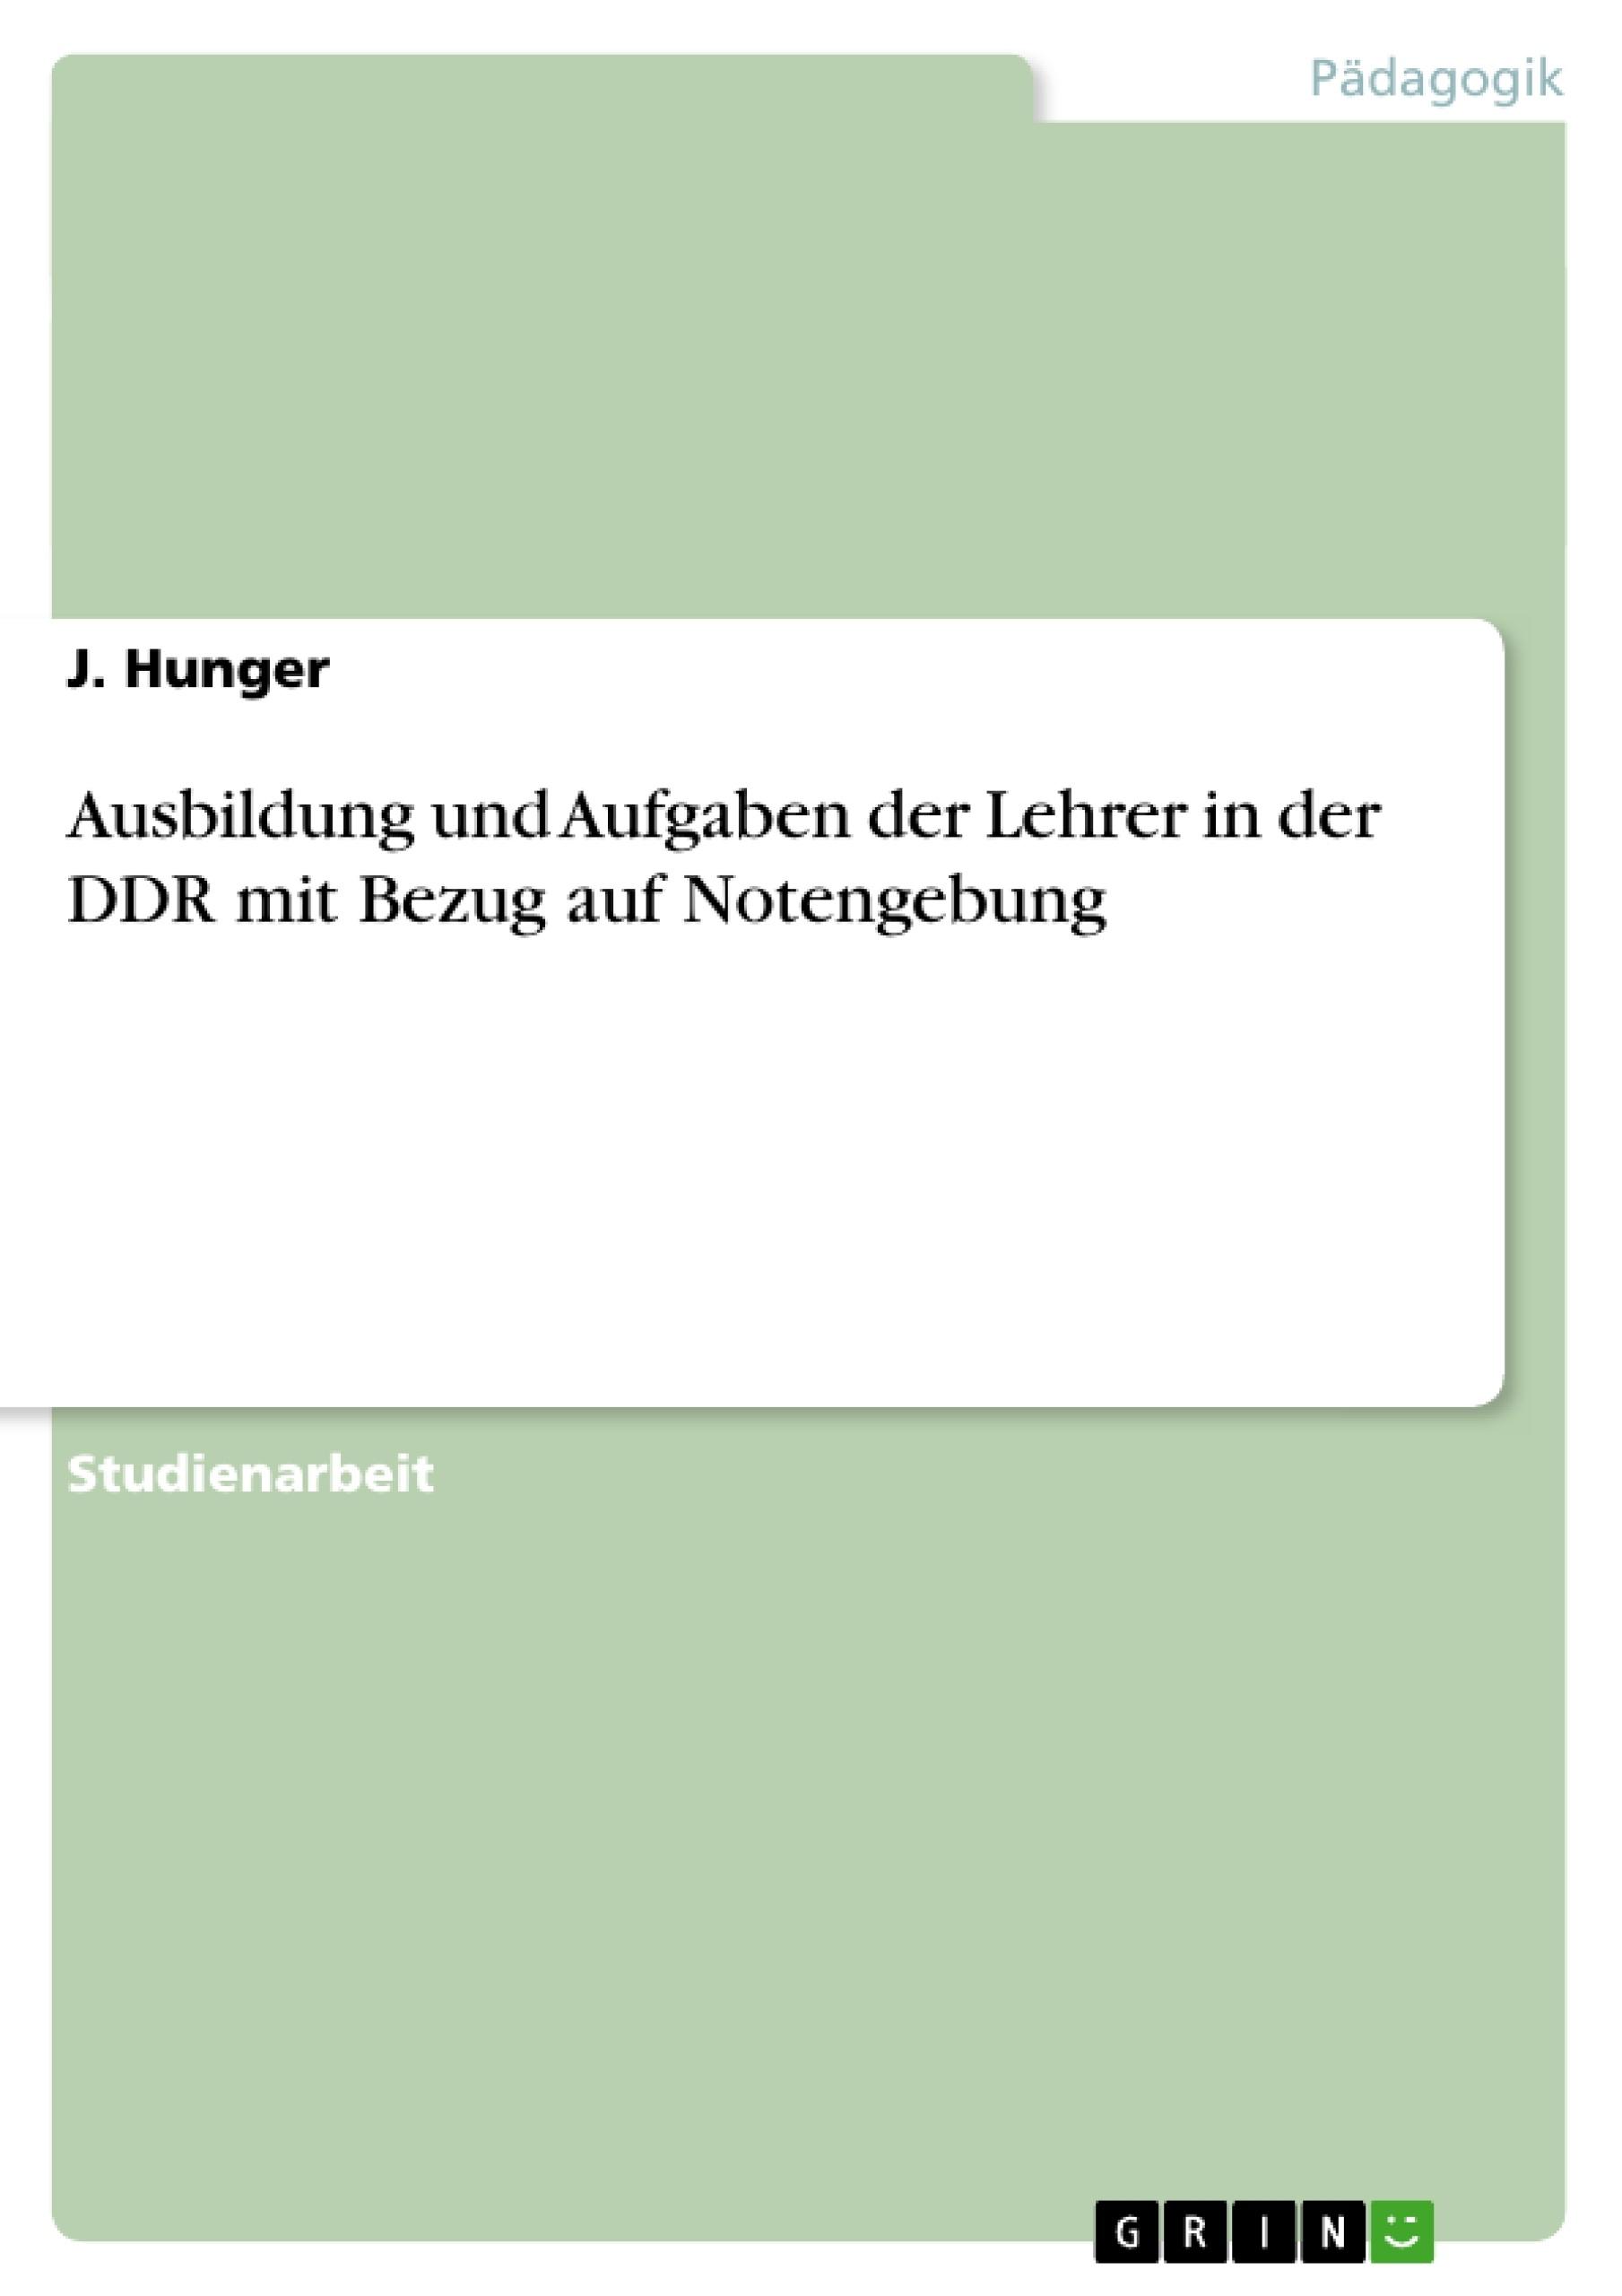 Titel: Ausbildung und Aufgaben der Lehrer in der DDR mit Bezug auf Notengebung